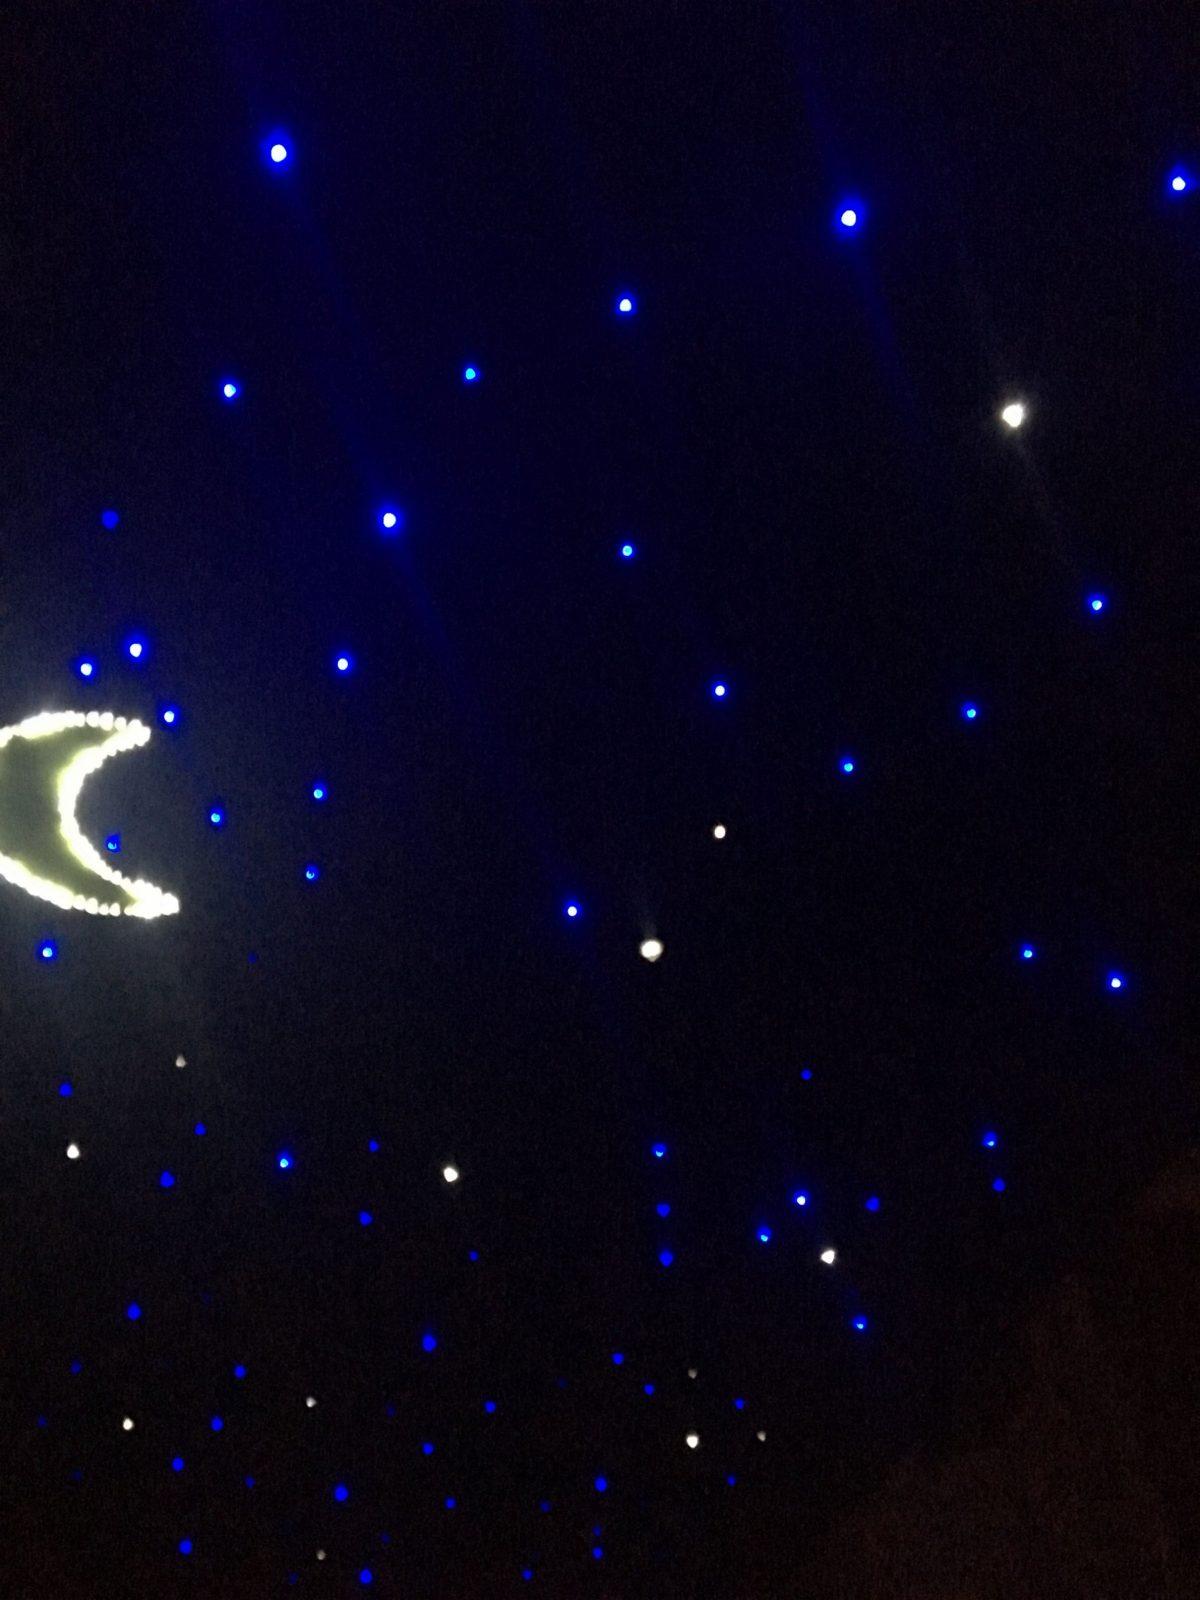 Led Sternenhimmel Bauanleitung Zum Selber Bauen  Heimwerkerforum von Sternenhimmel Lampe Selber Bauen Bild